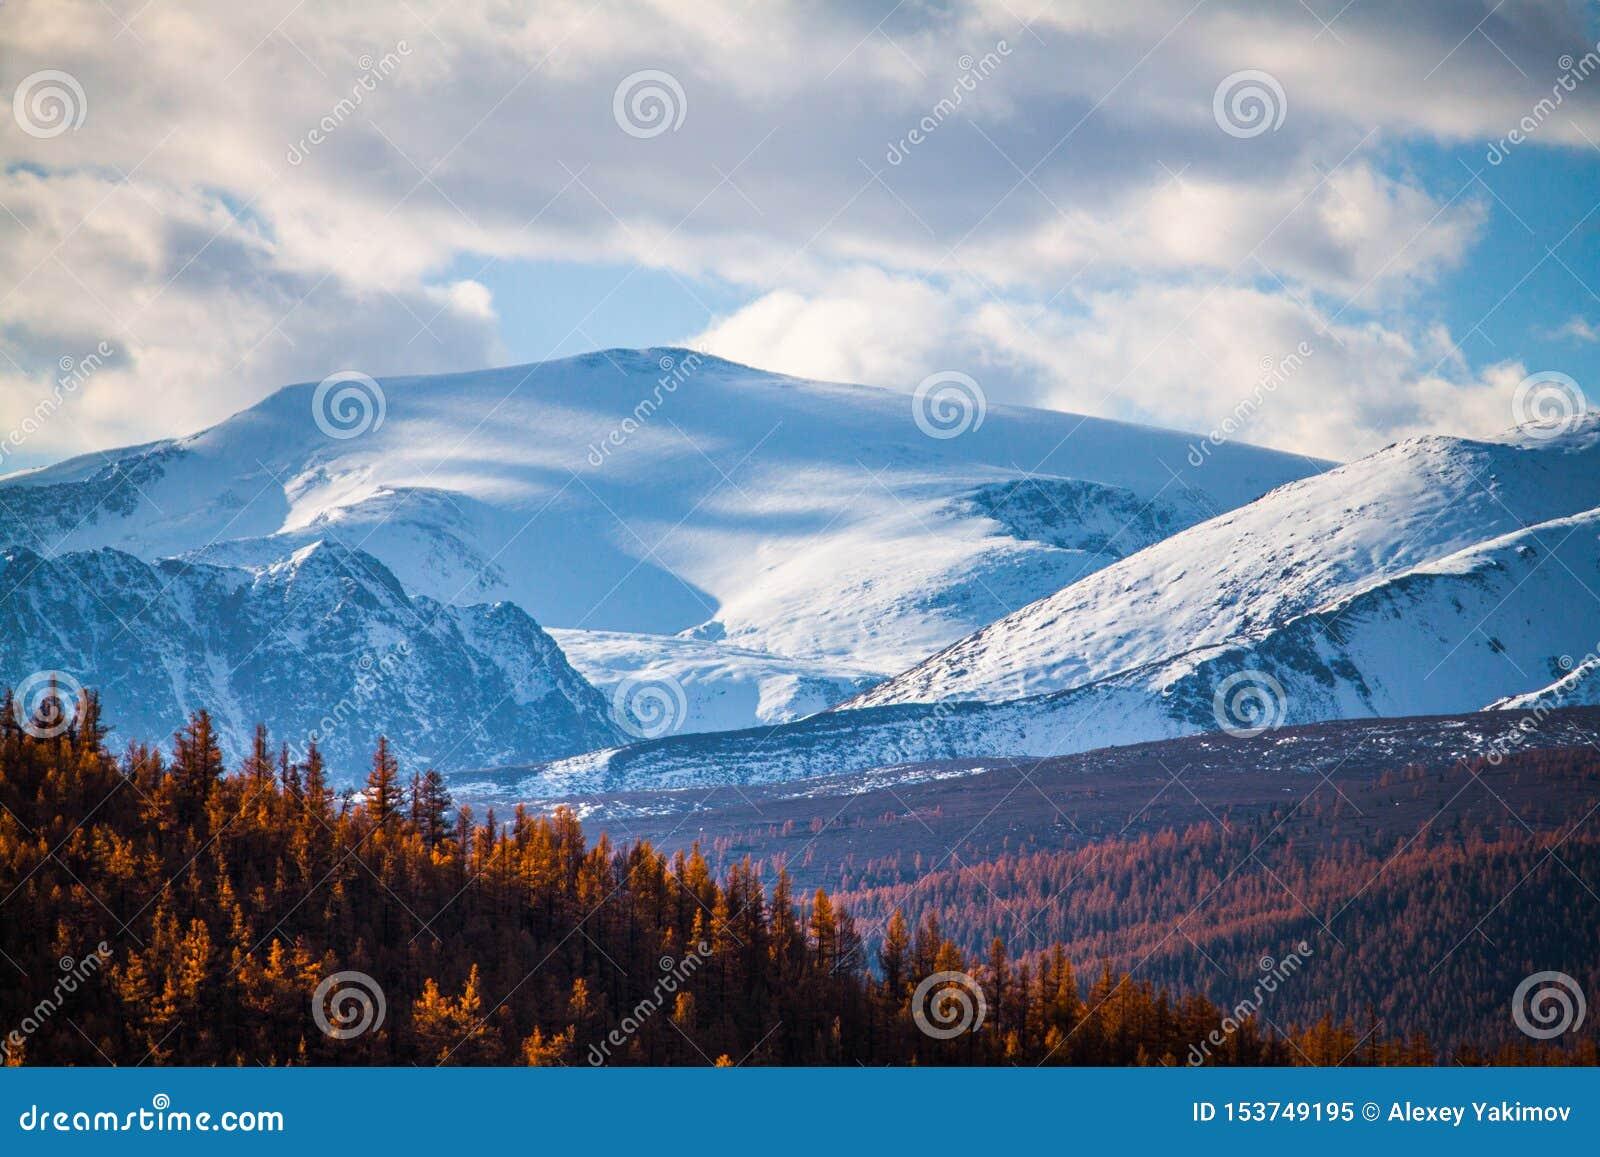 Altai-Republik Der Herbstlärchenwald und die Schönheit von schneeweißen Spitzen